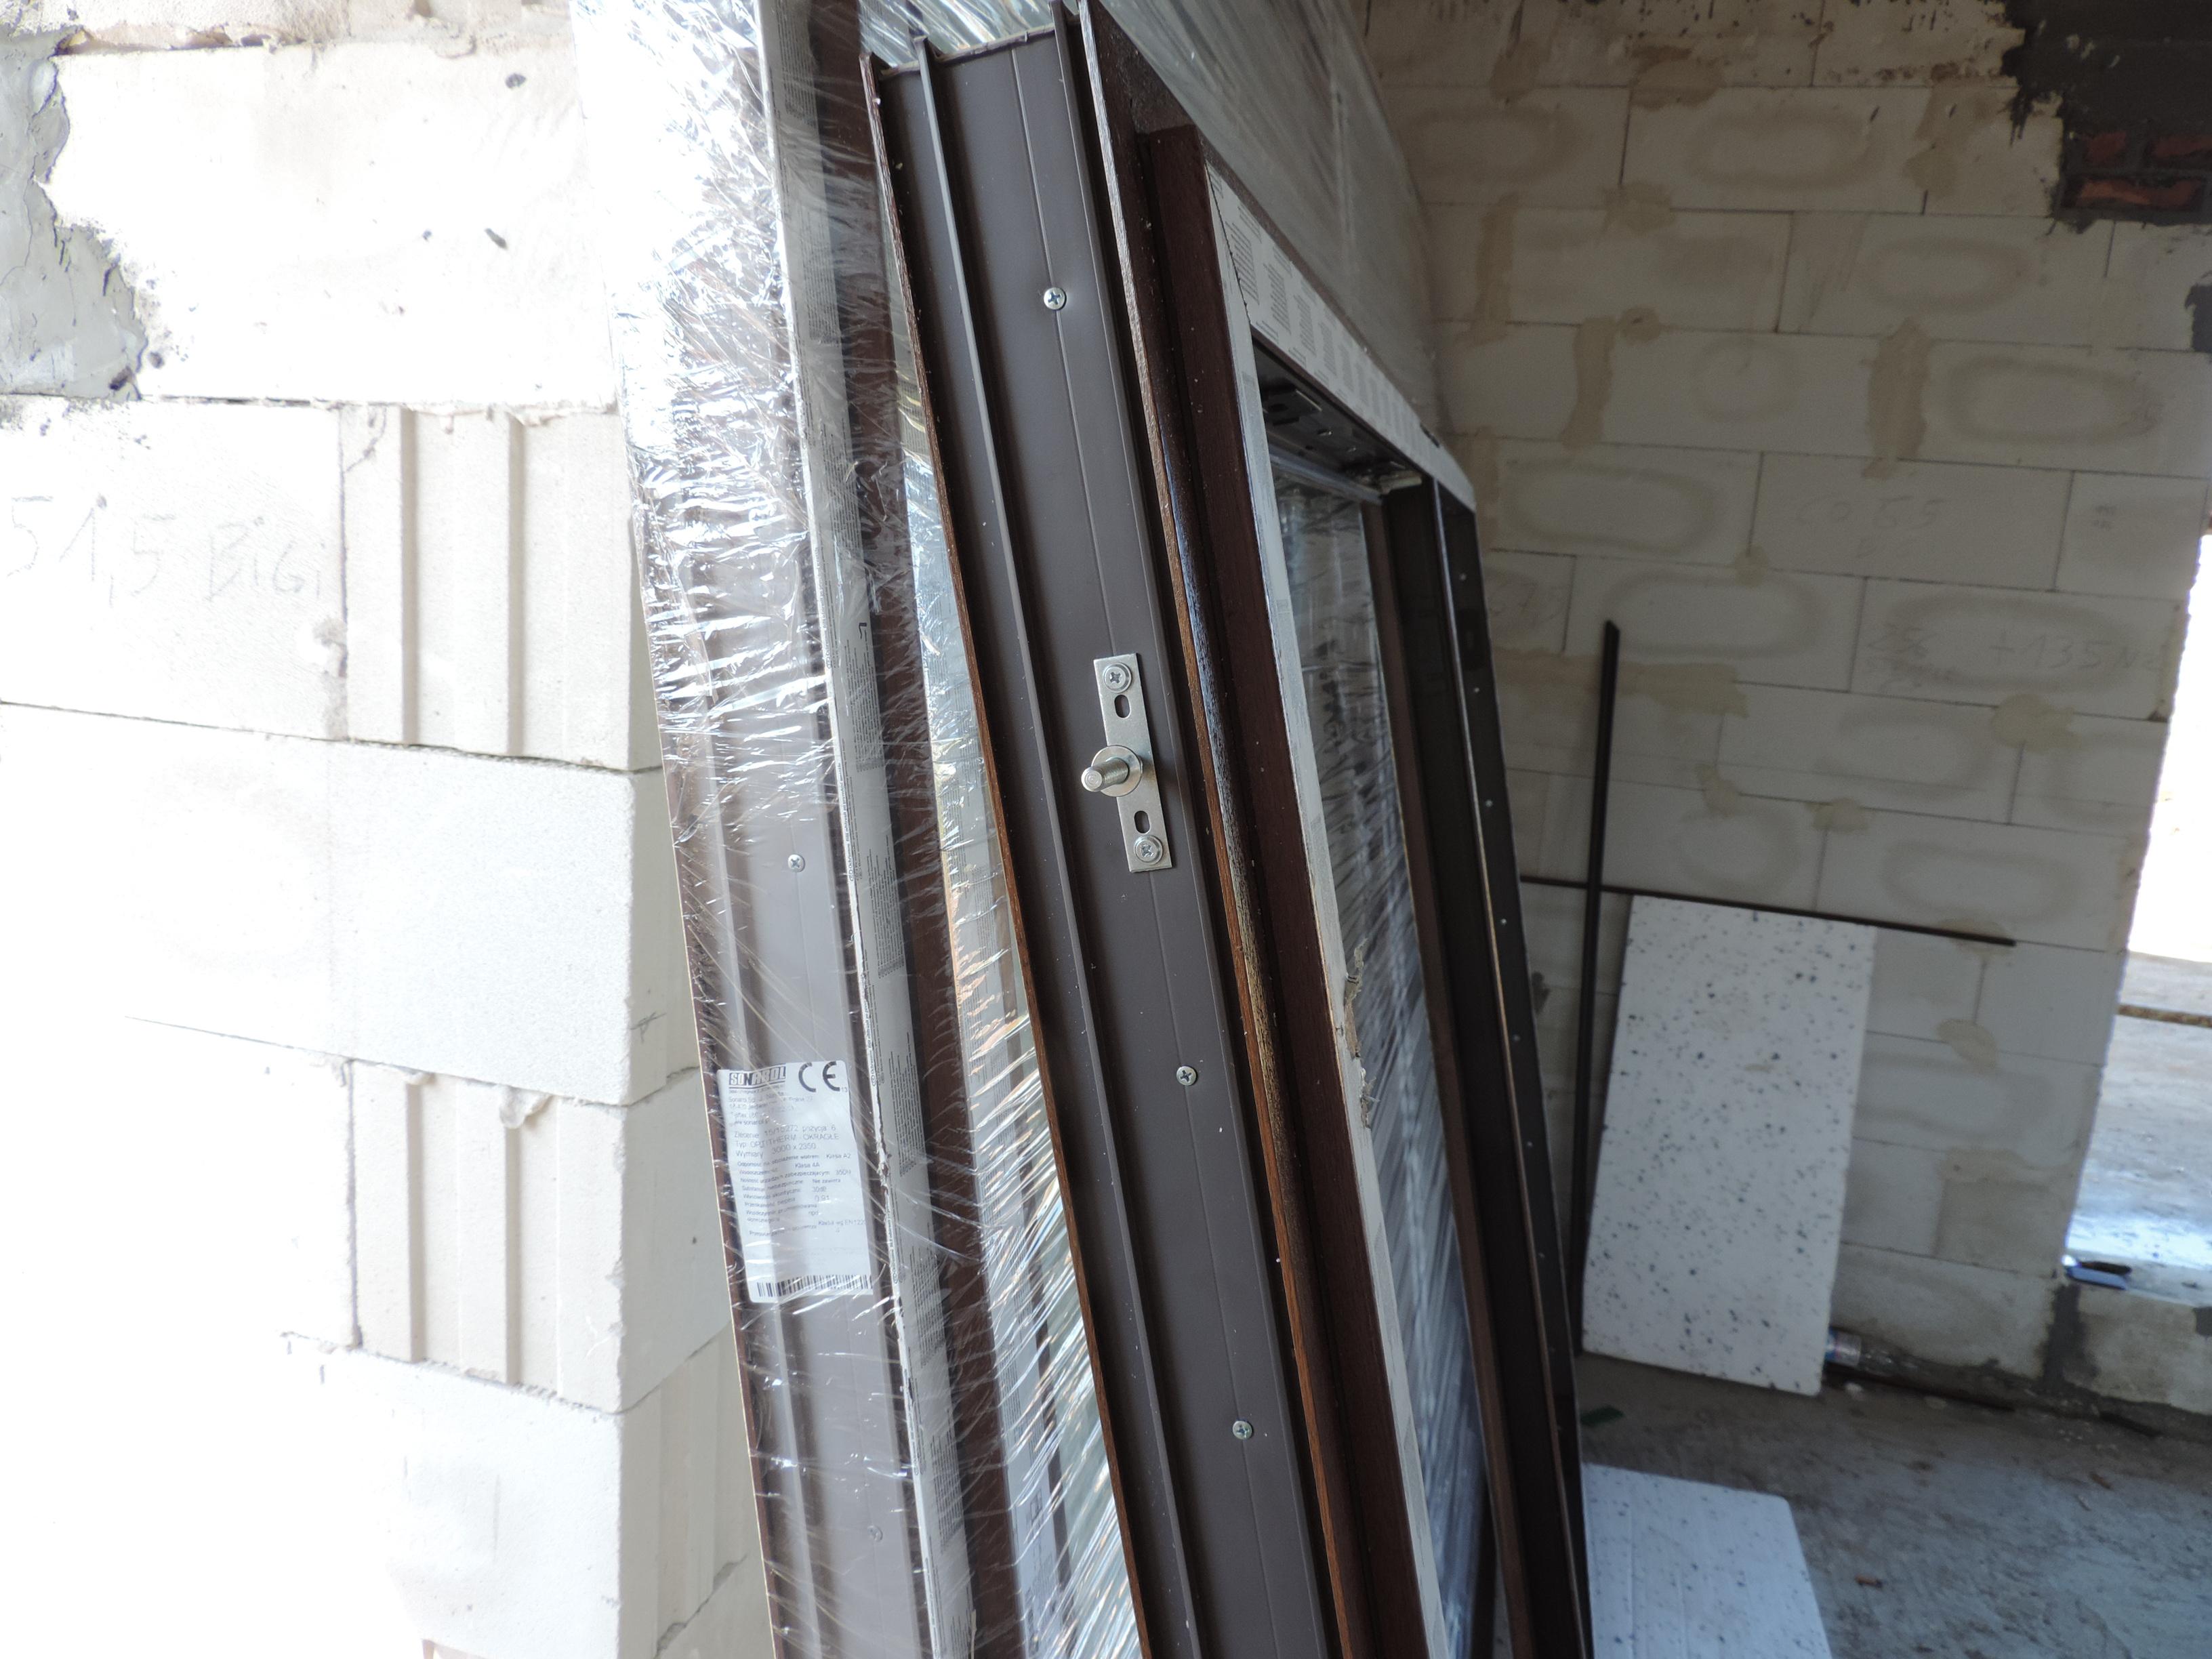 2. przymocowane elementy konsol do ramy okiennej